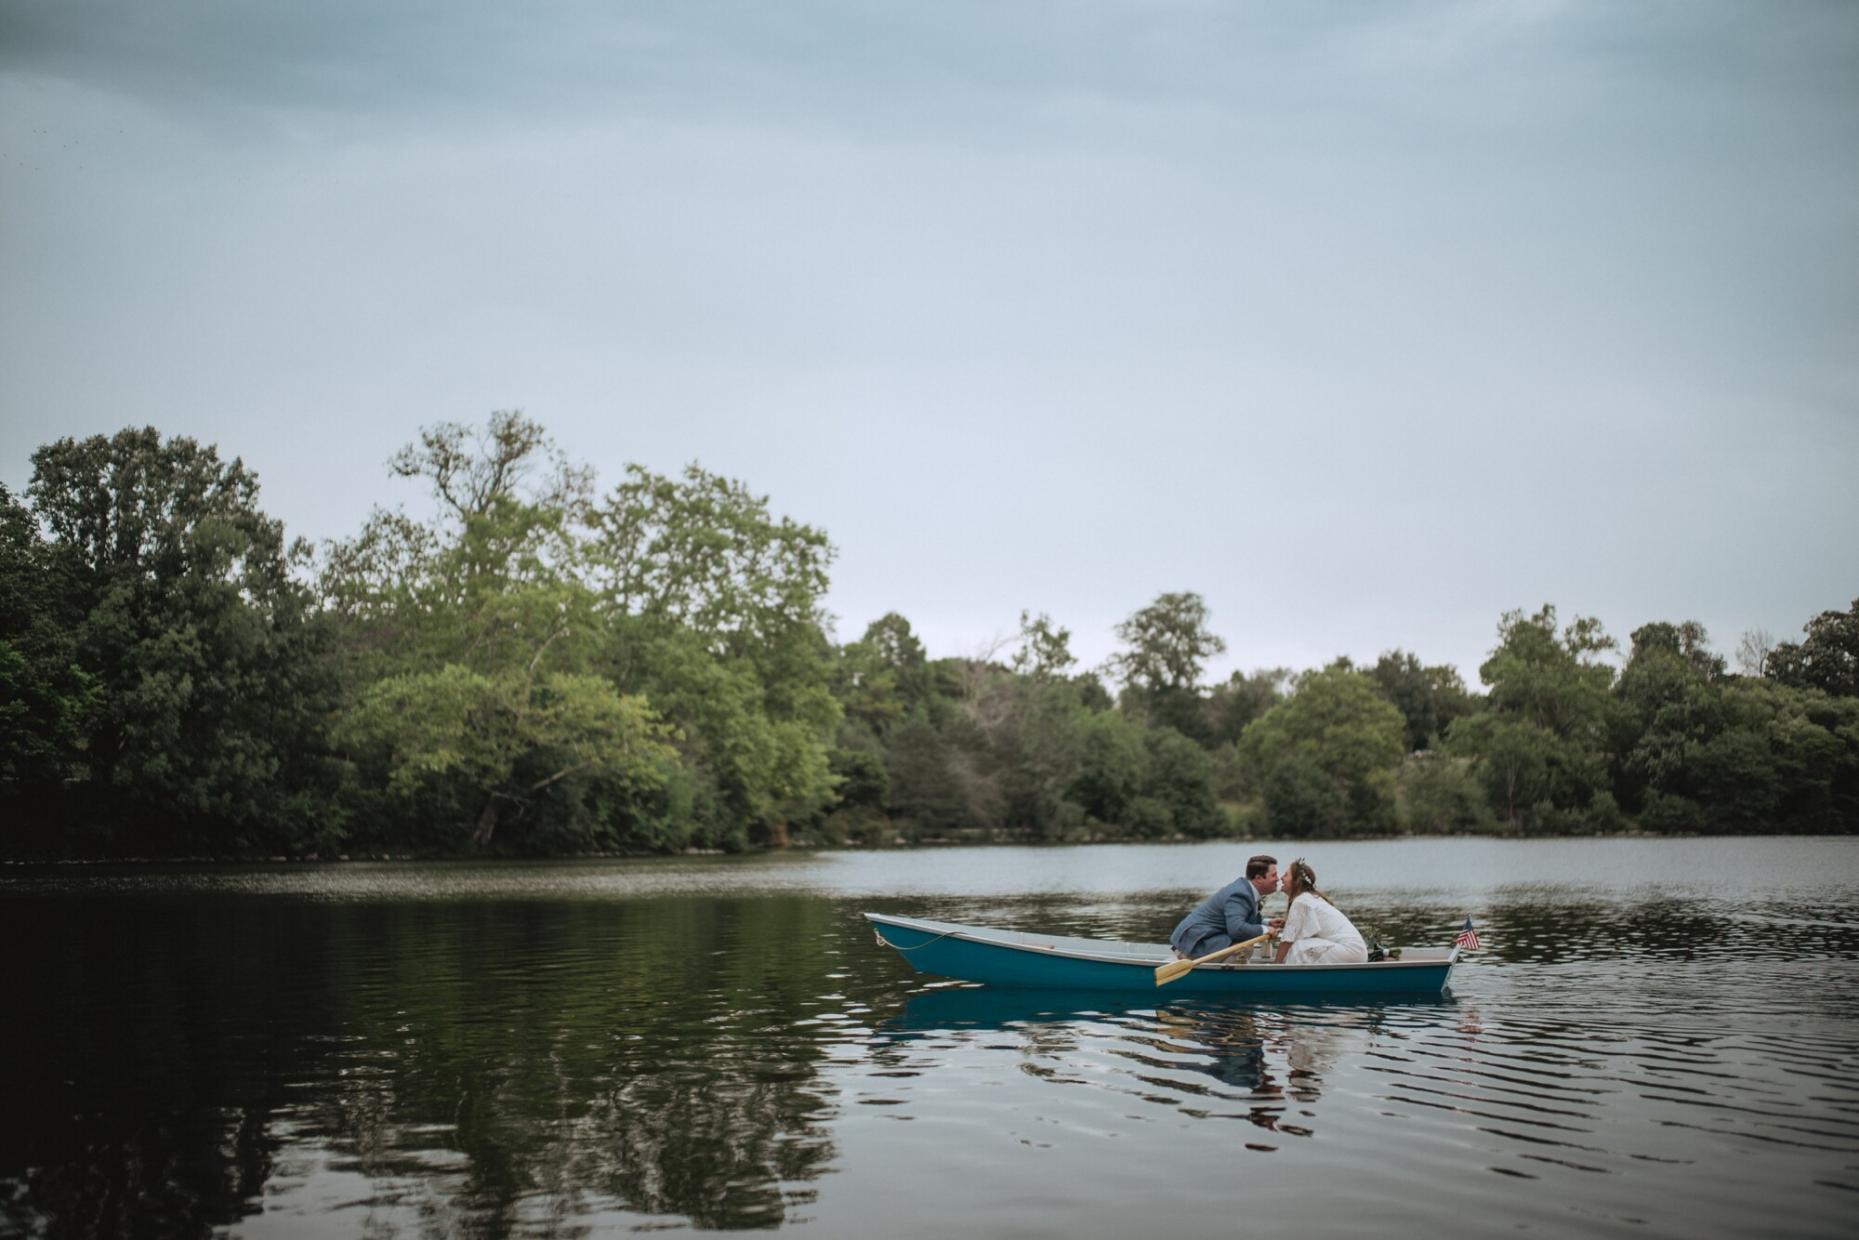 delaware park, buffalo ny wedding photos, hoyt lake bridal wedding